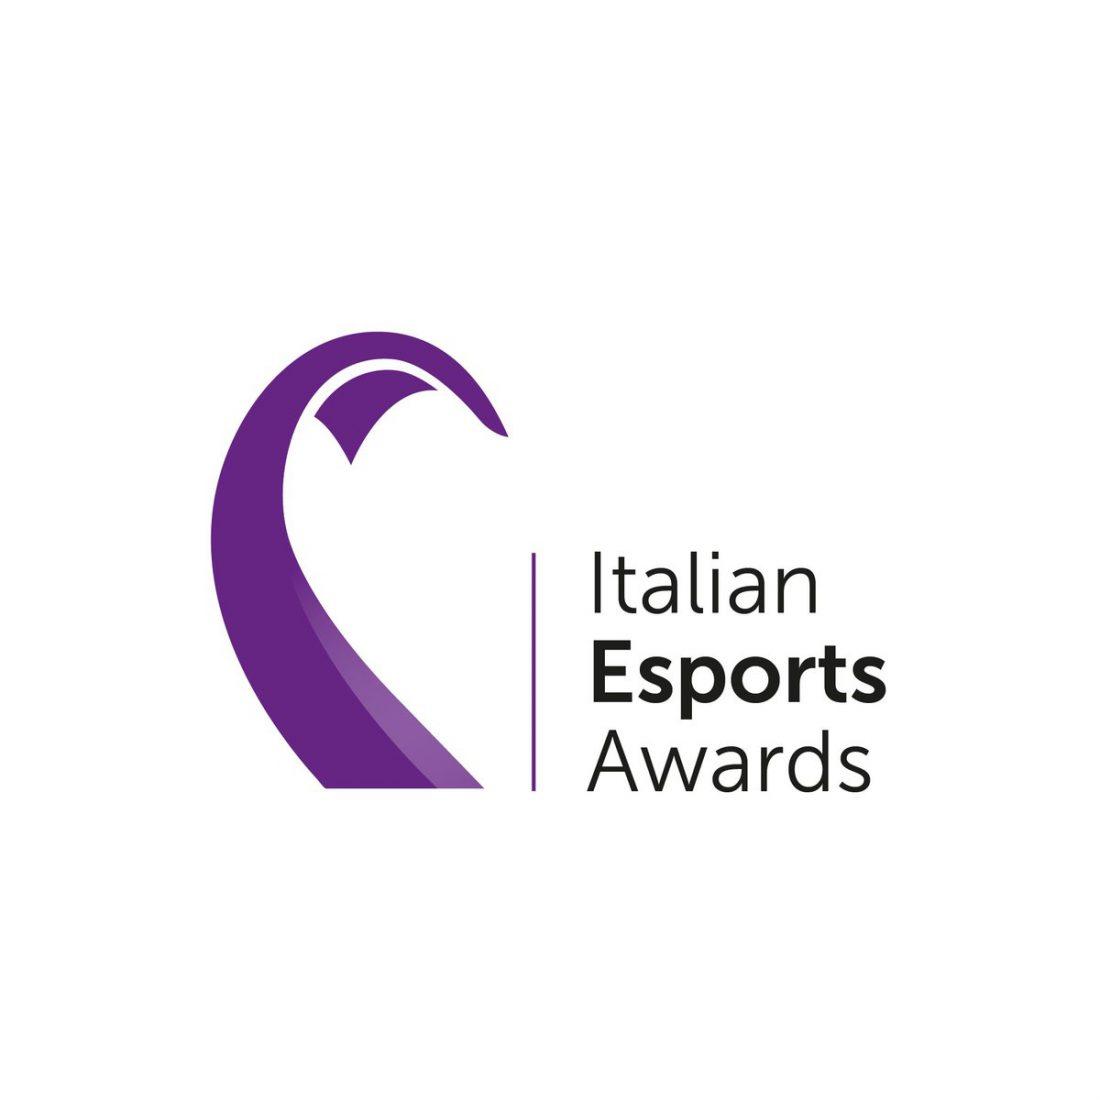 nomination Italian Esports Awards 2020